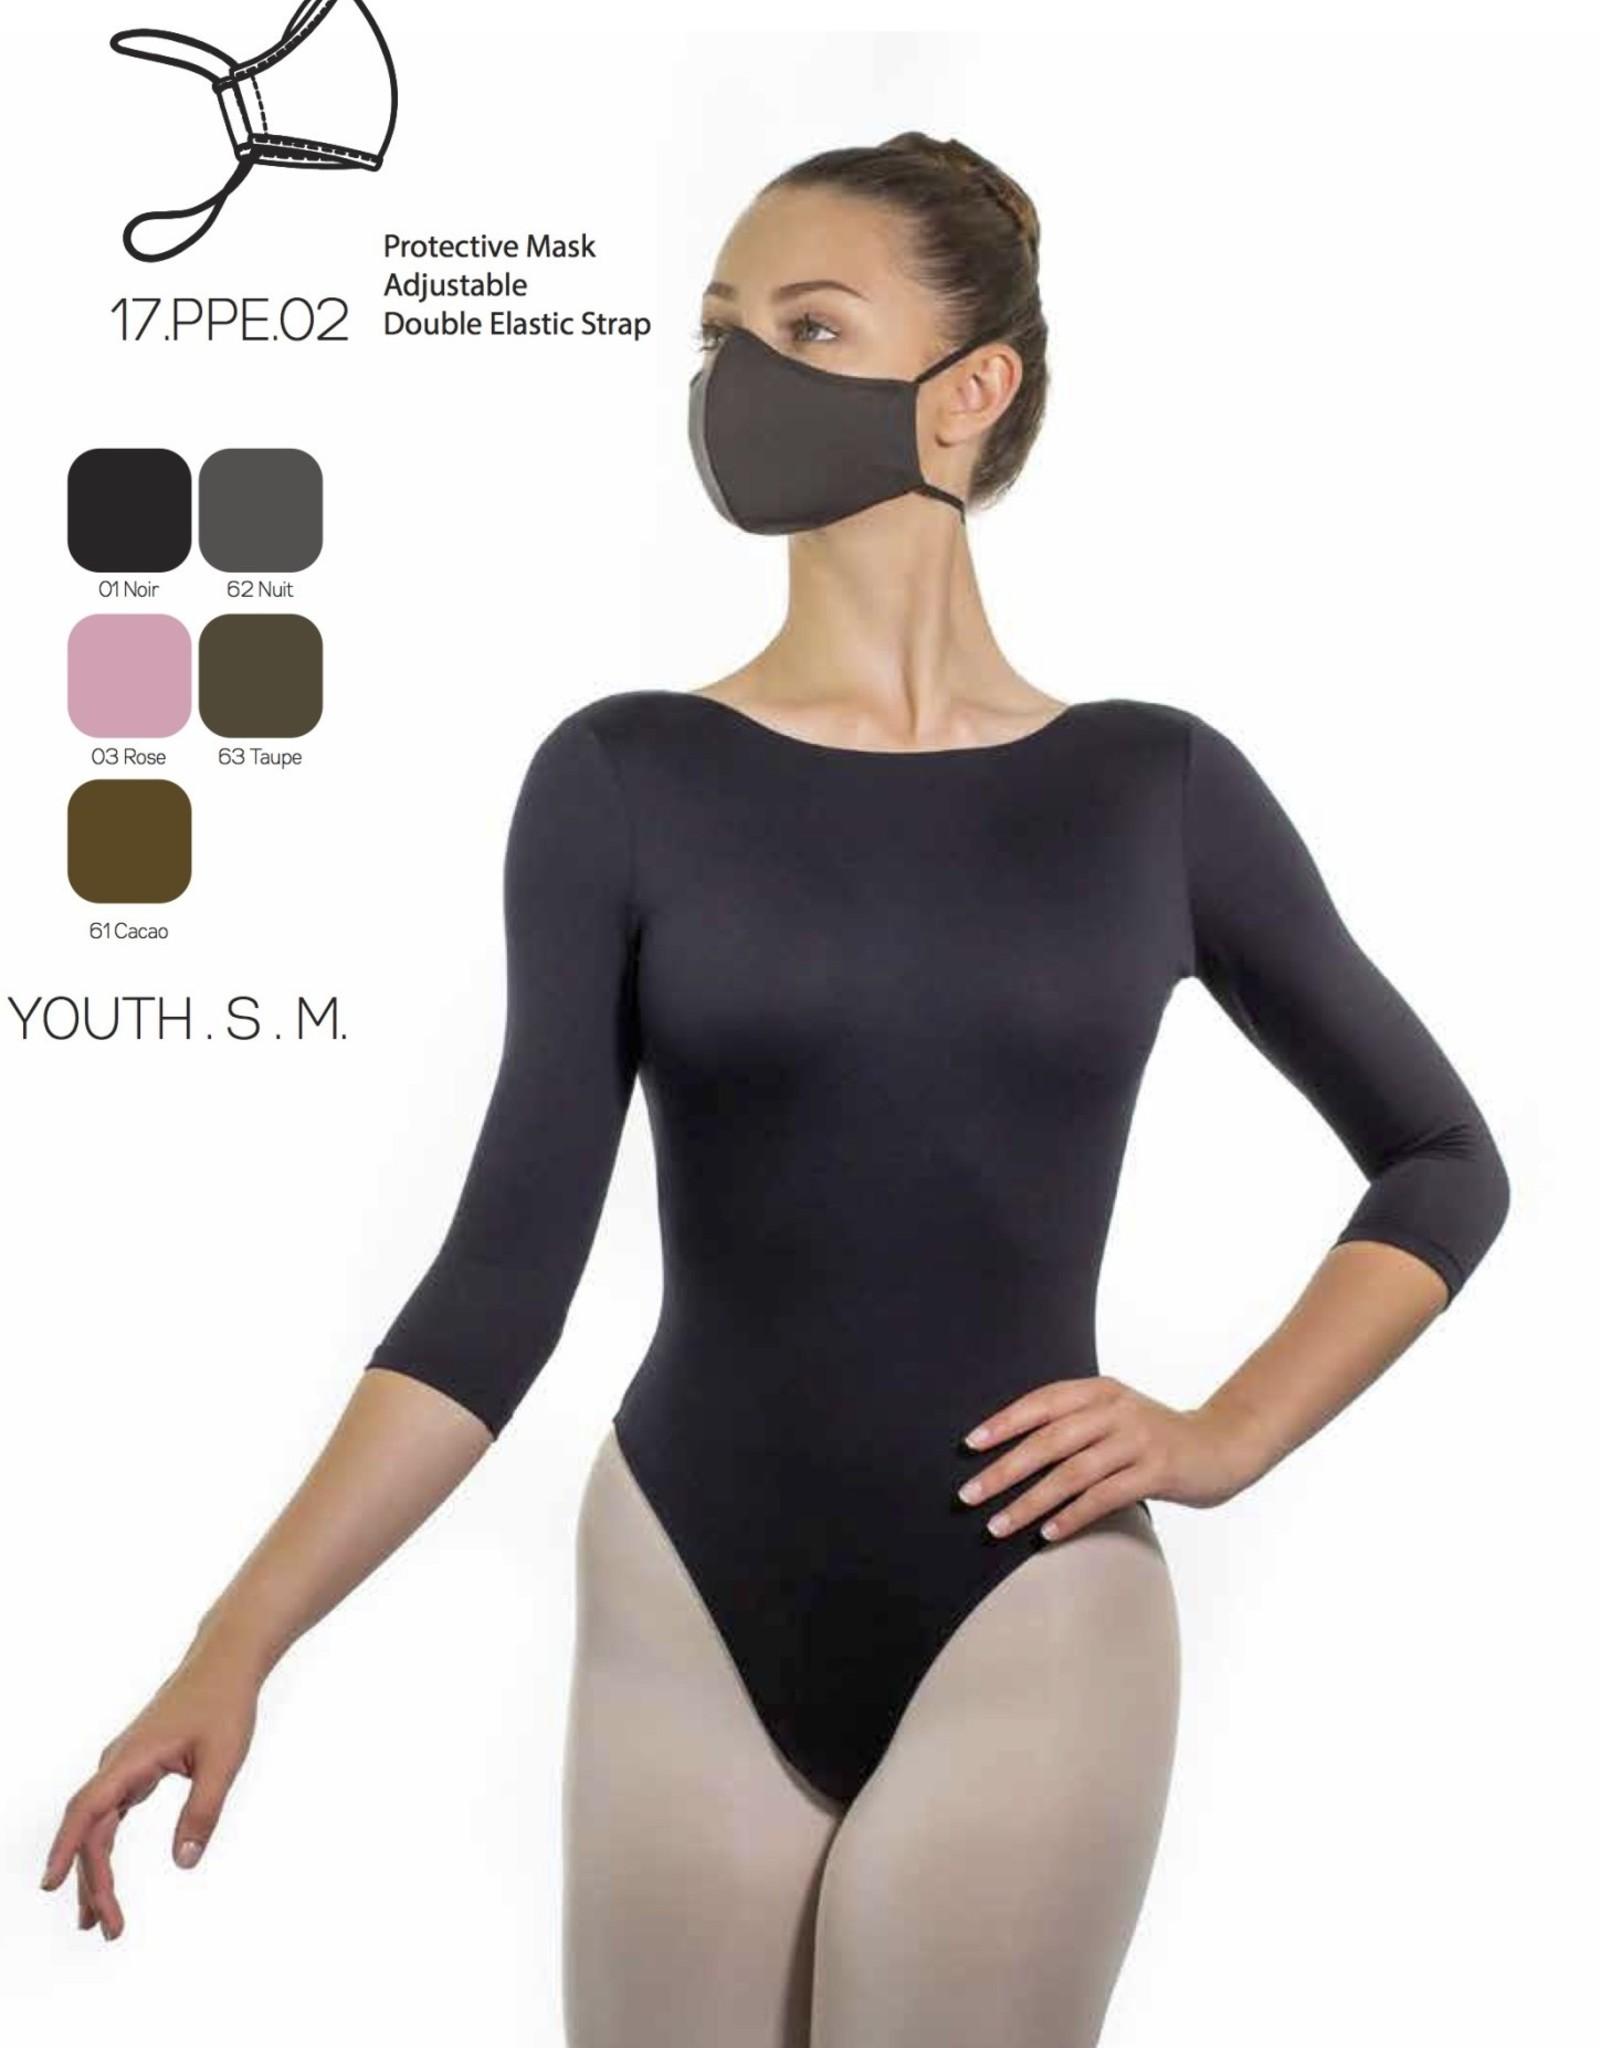 Ballet Rosa Mask PPE.02